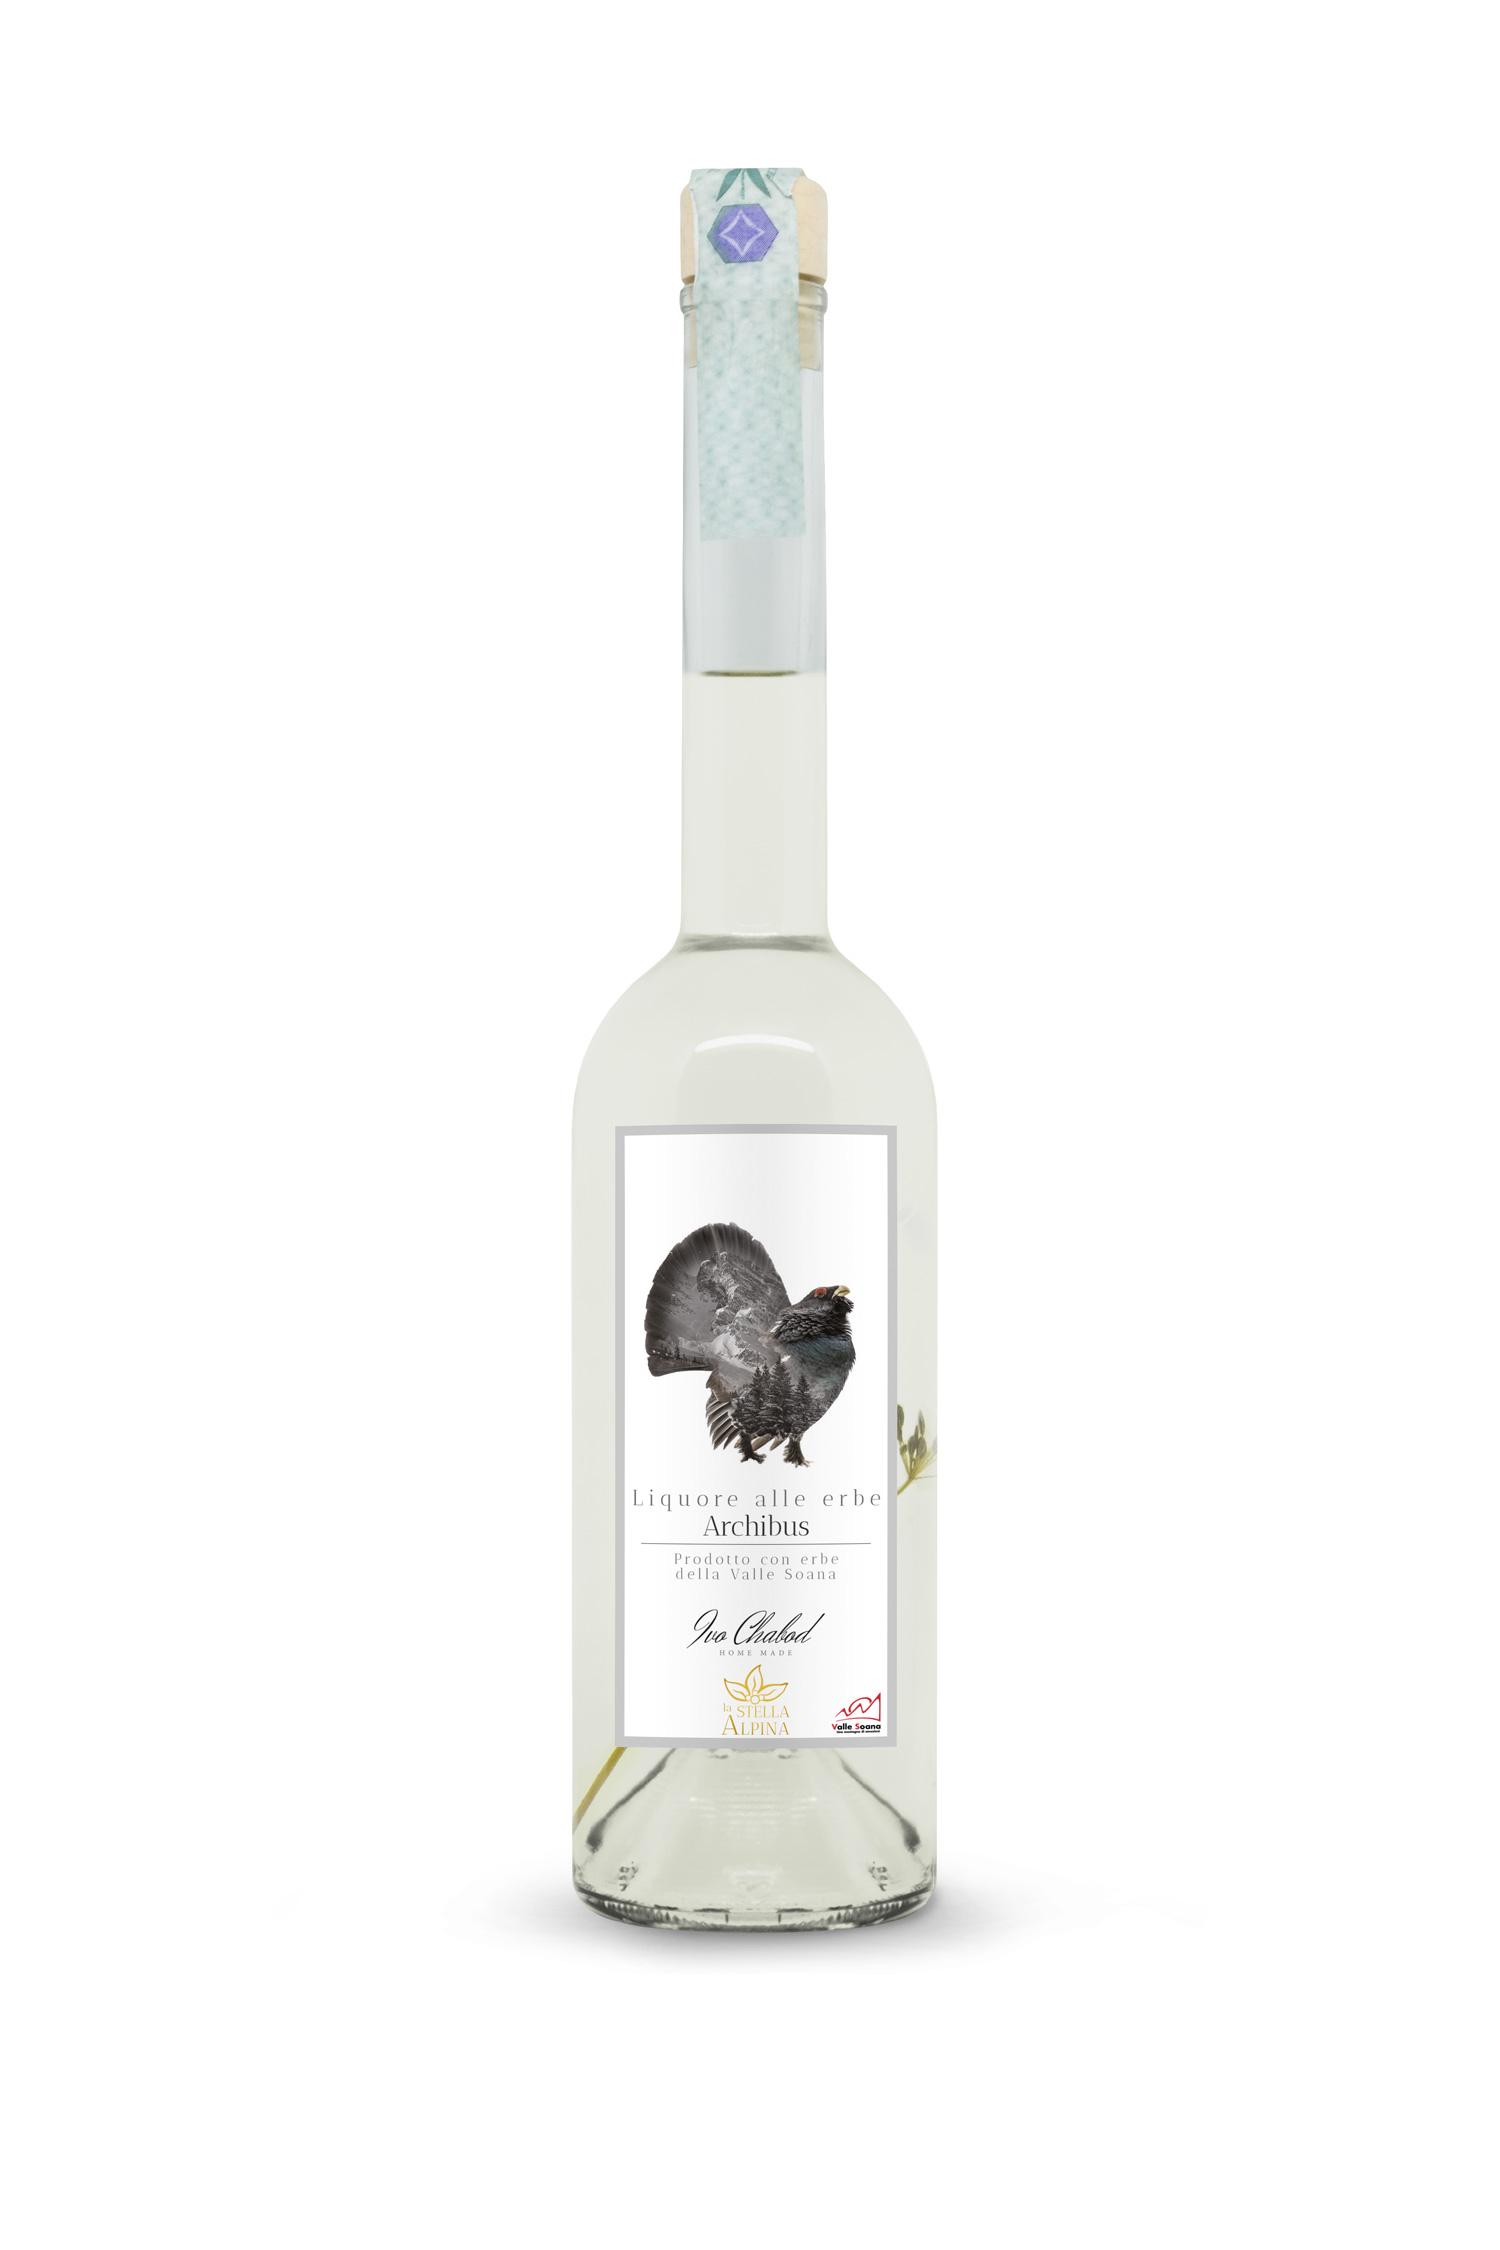 Liquore Arquebuse valle soana